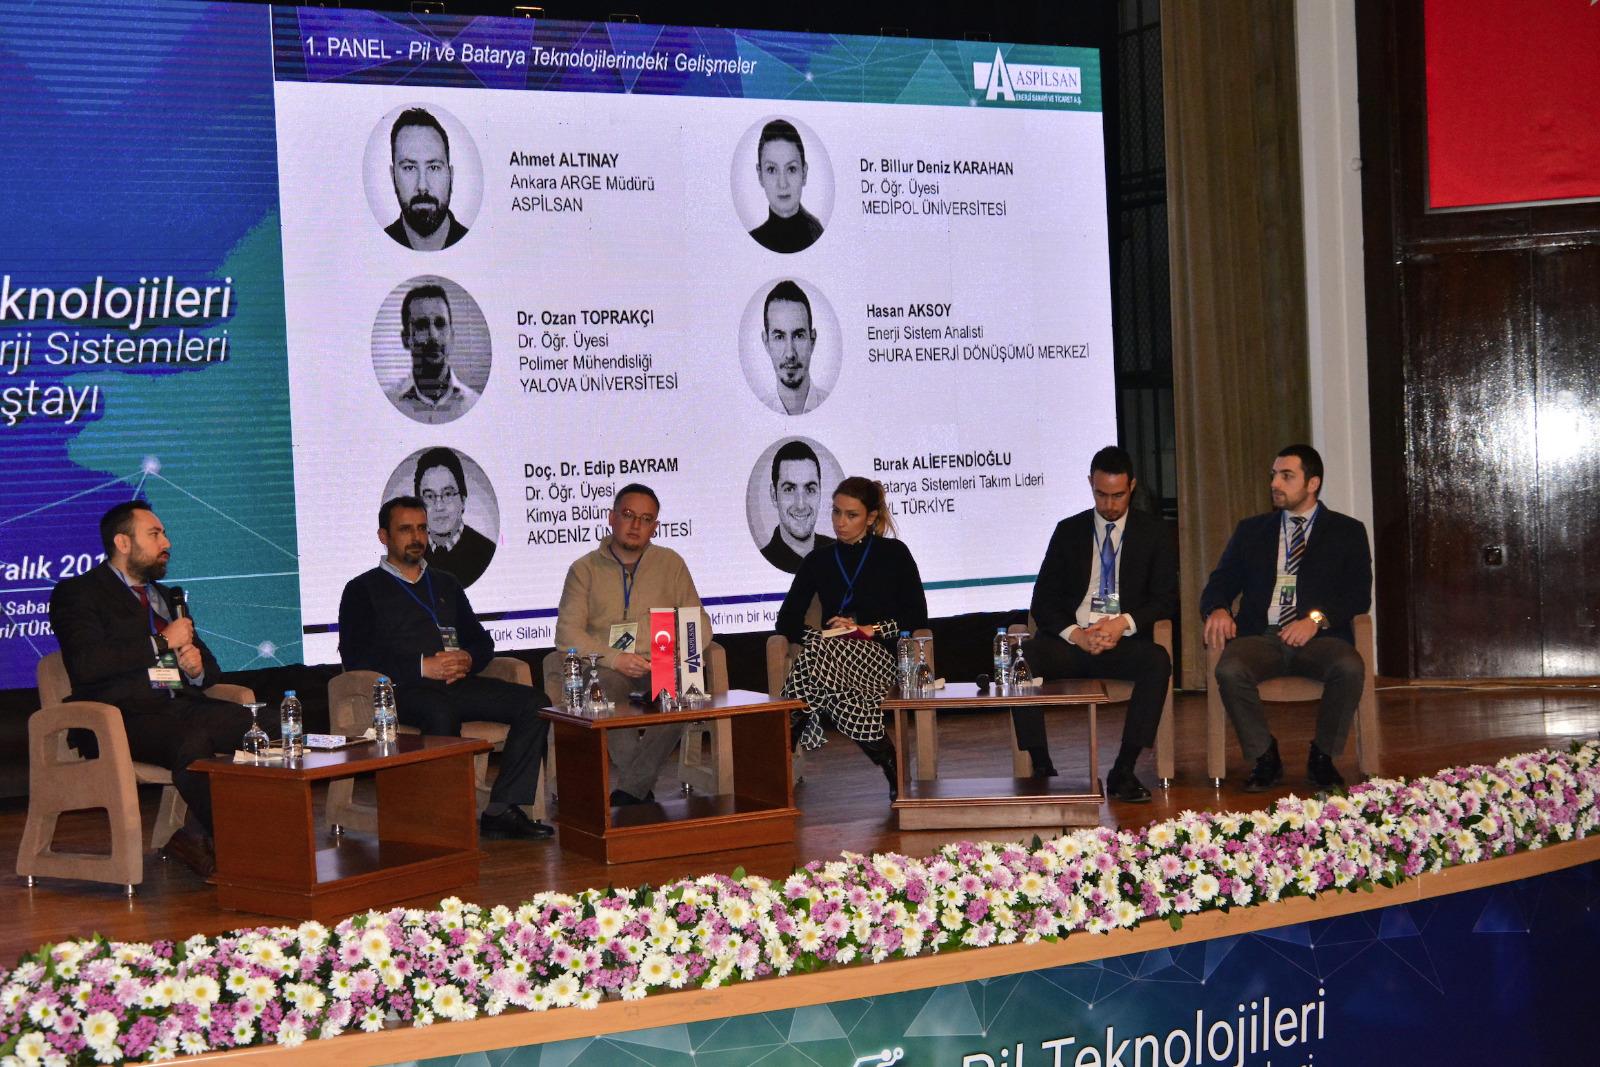 4'üncü Pil Teknolojileri ve Enerji Sistemleri Çalıştayı Panellerinden Notlar